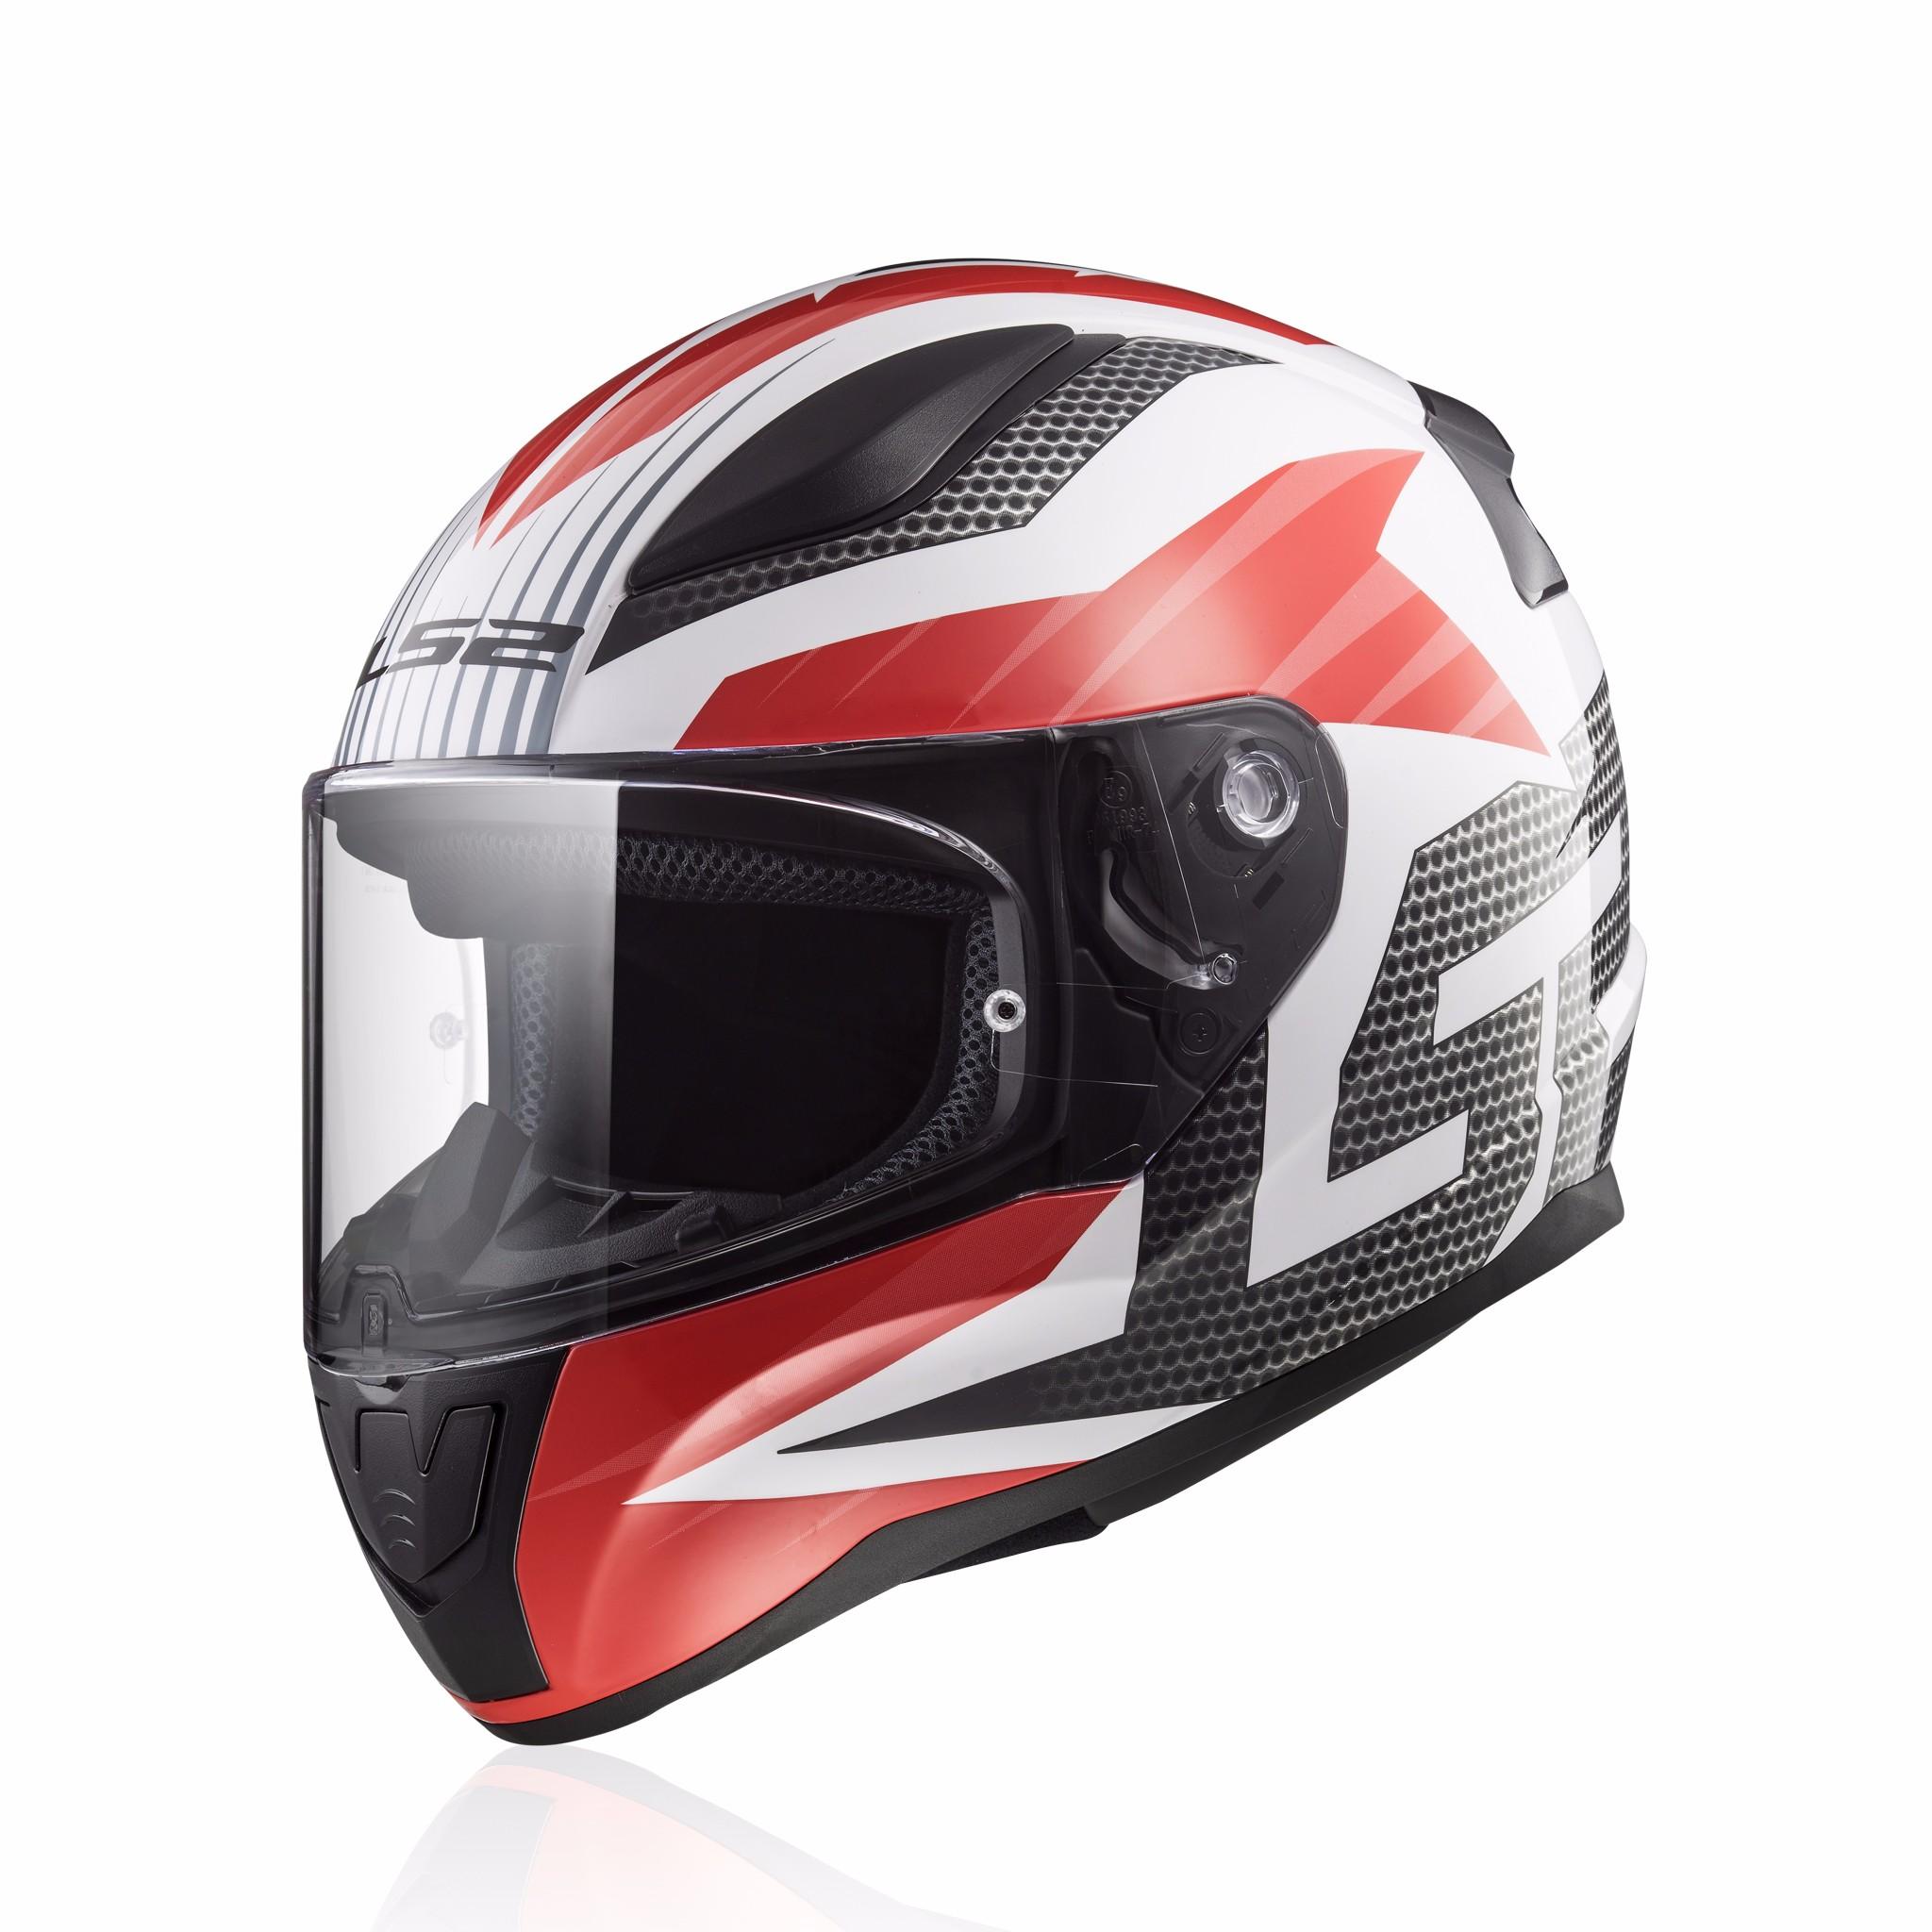 Mũ bảo hiểm fullface LS2 Rapid FF353 trắng đỏ